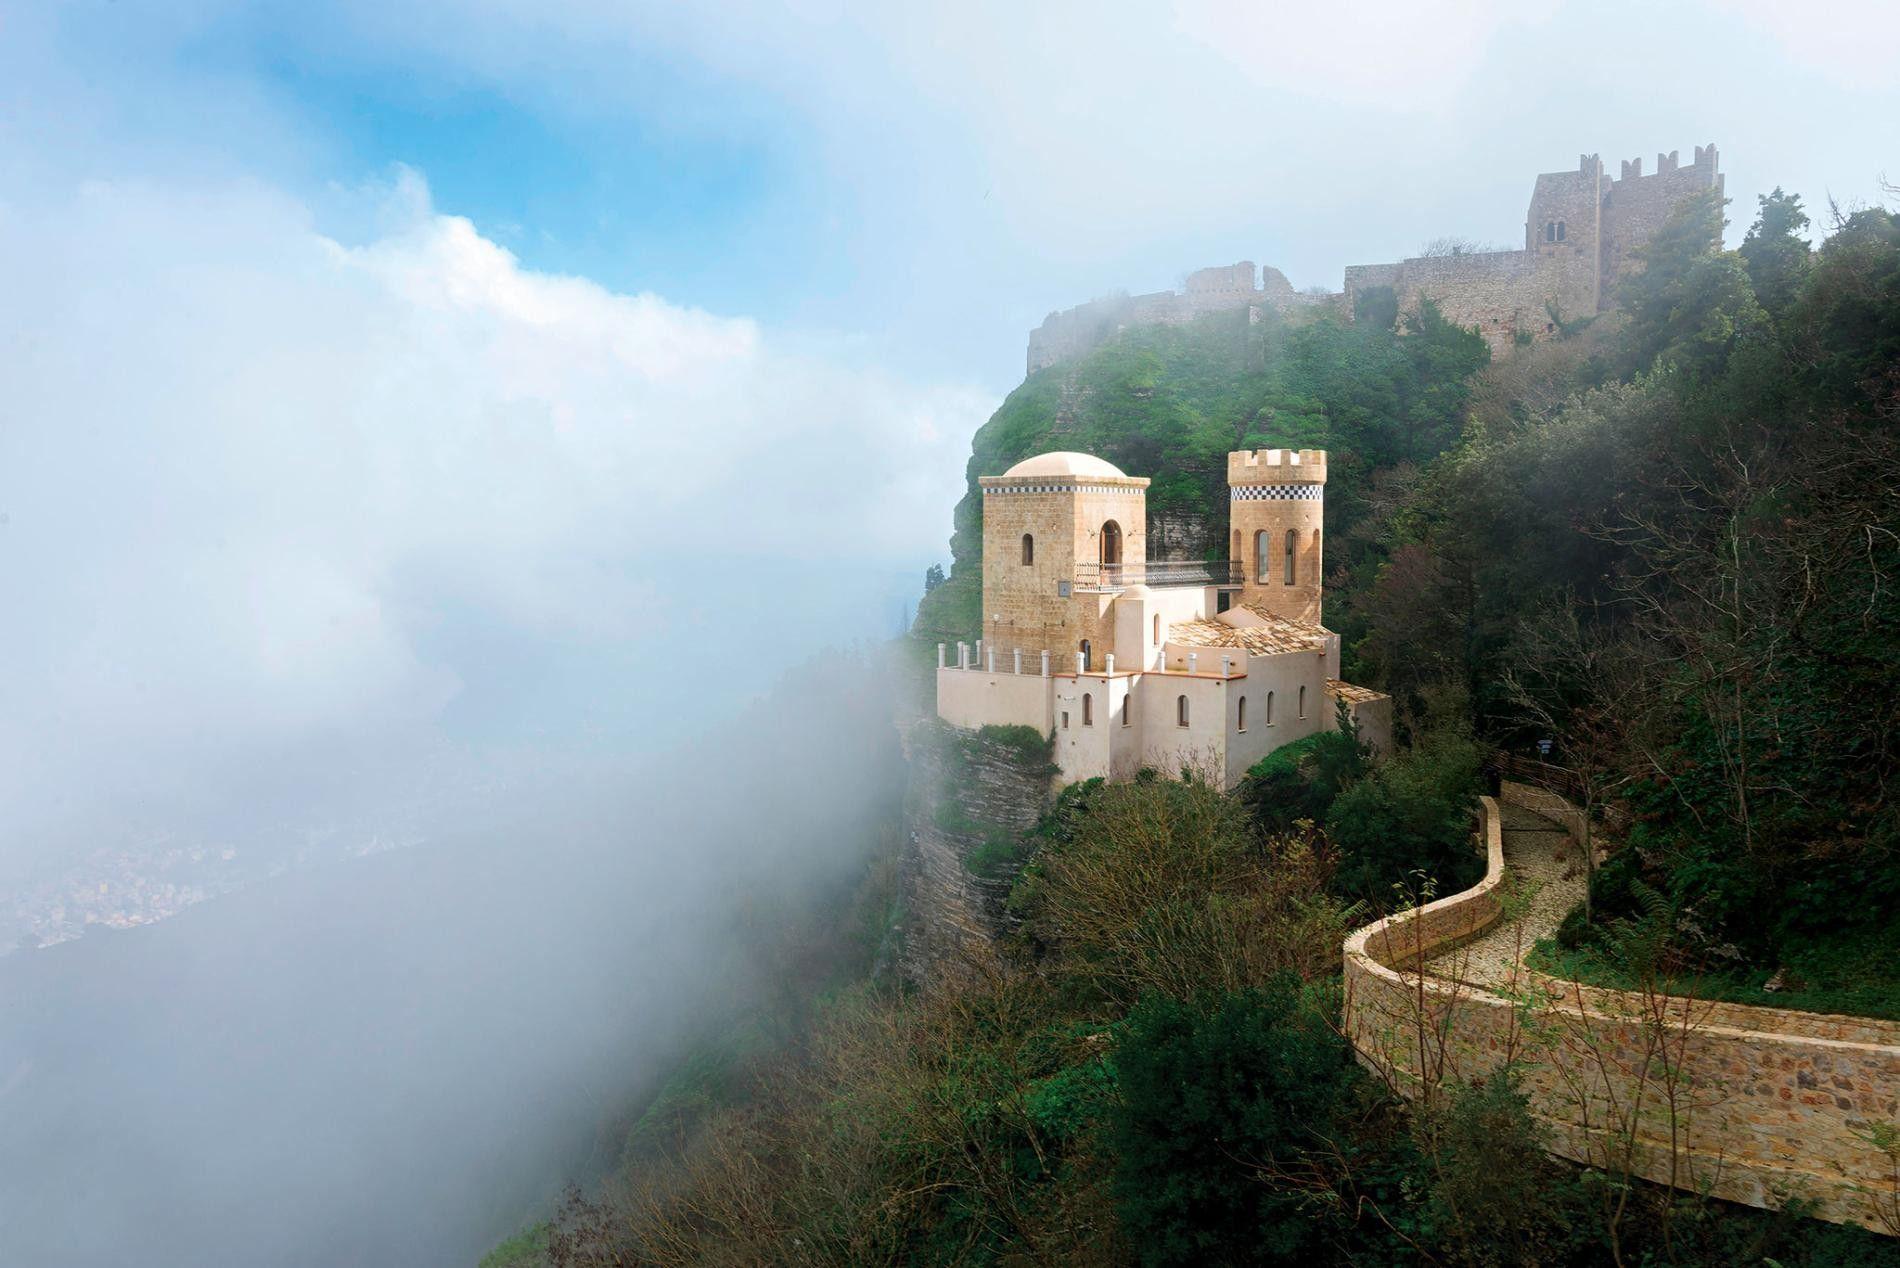 ERICE, ITALIE - Pour accéder à cet ensemble de monuments médiévaux semblant venir tout droit d'un rêve, le plus simple est de prendre le funiculaire. Perchés au sommet des montagnes, les monuments sont souvent enveloppés dans un banc de nuages, surnommé « Le baiser de Vénus » par les locaux. Lieu de culte païen à l'origine, le village a conservé son artisanat traditionnel sicilien. Vous pourrez y trouver des céramiques peintes à la main et des tapis tissés à la main, vendus dans les nombreux ateliers du village.